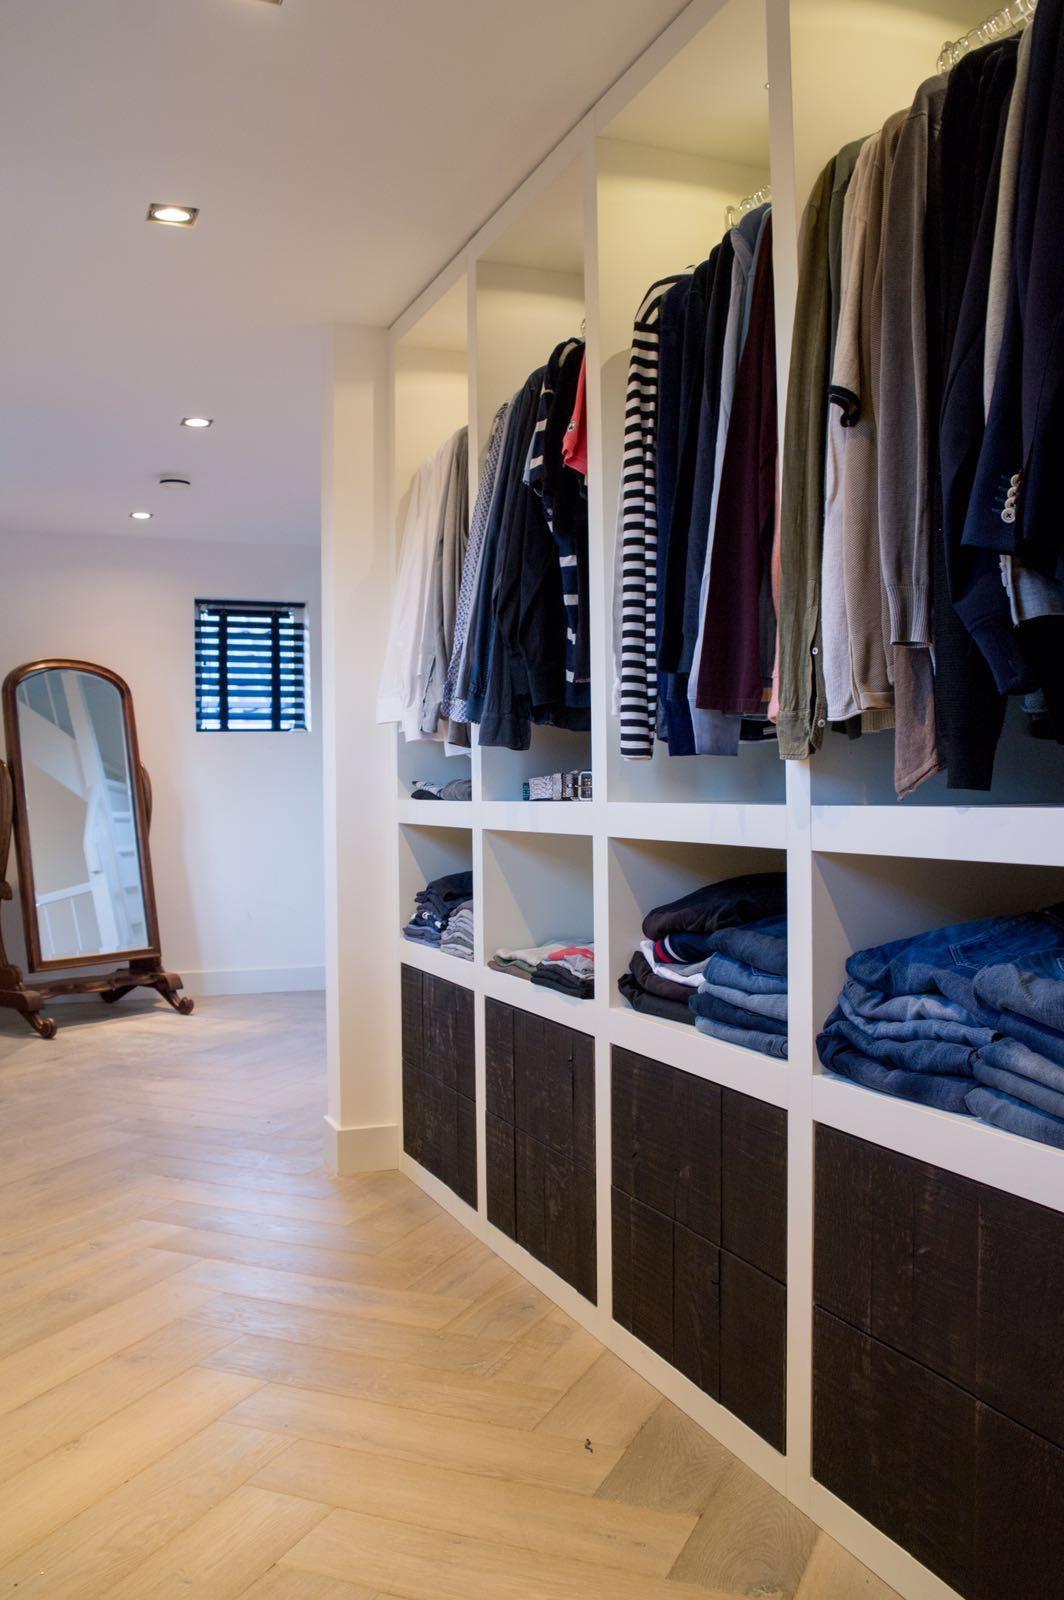 kledingkast op maat met hang en leggedeelten handig ook de 8 laden met push to open alles handgemaakt door sijmen interieur